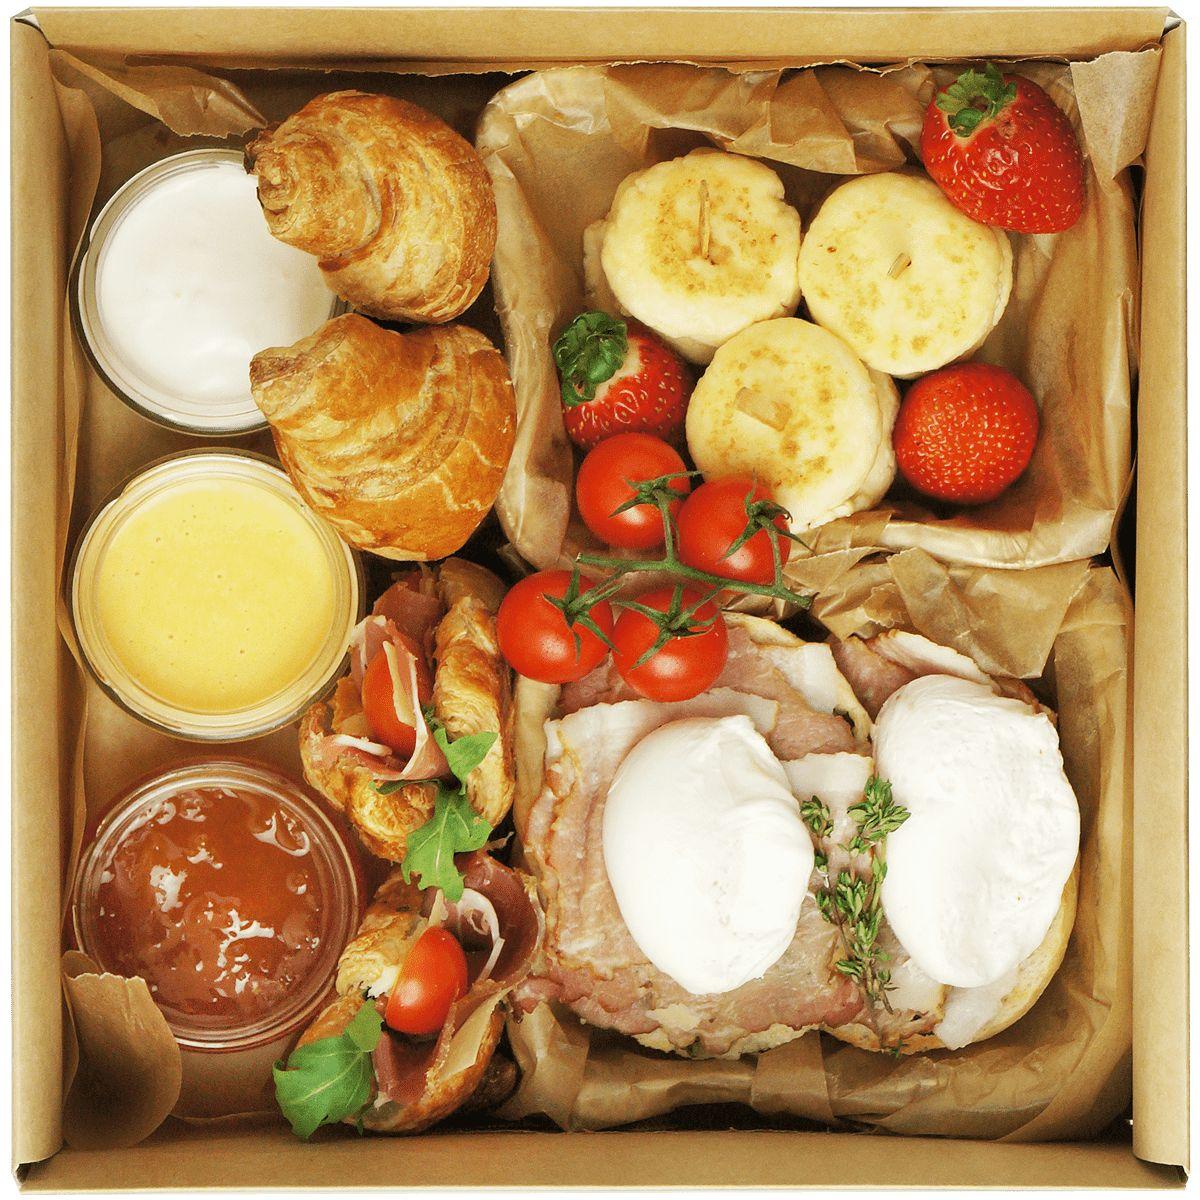 Breakfast smart box фото 1